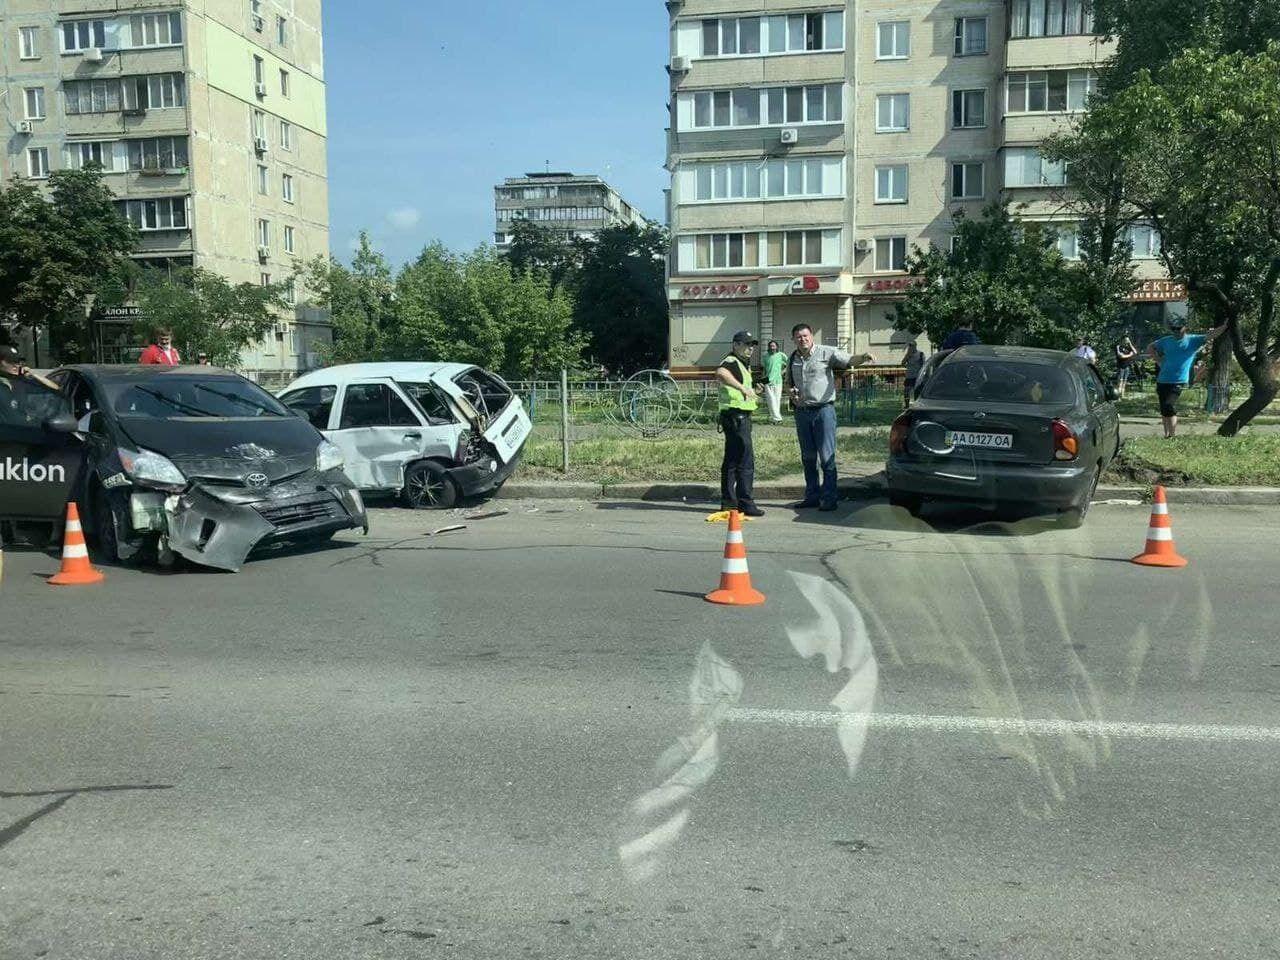 Таксист спровоцировал ДТП с участием пяти авто.